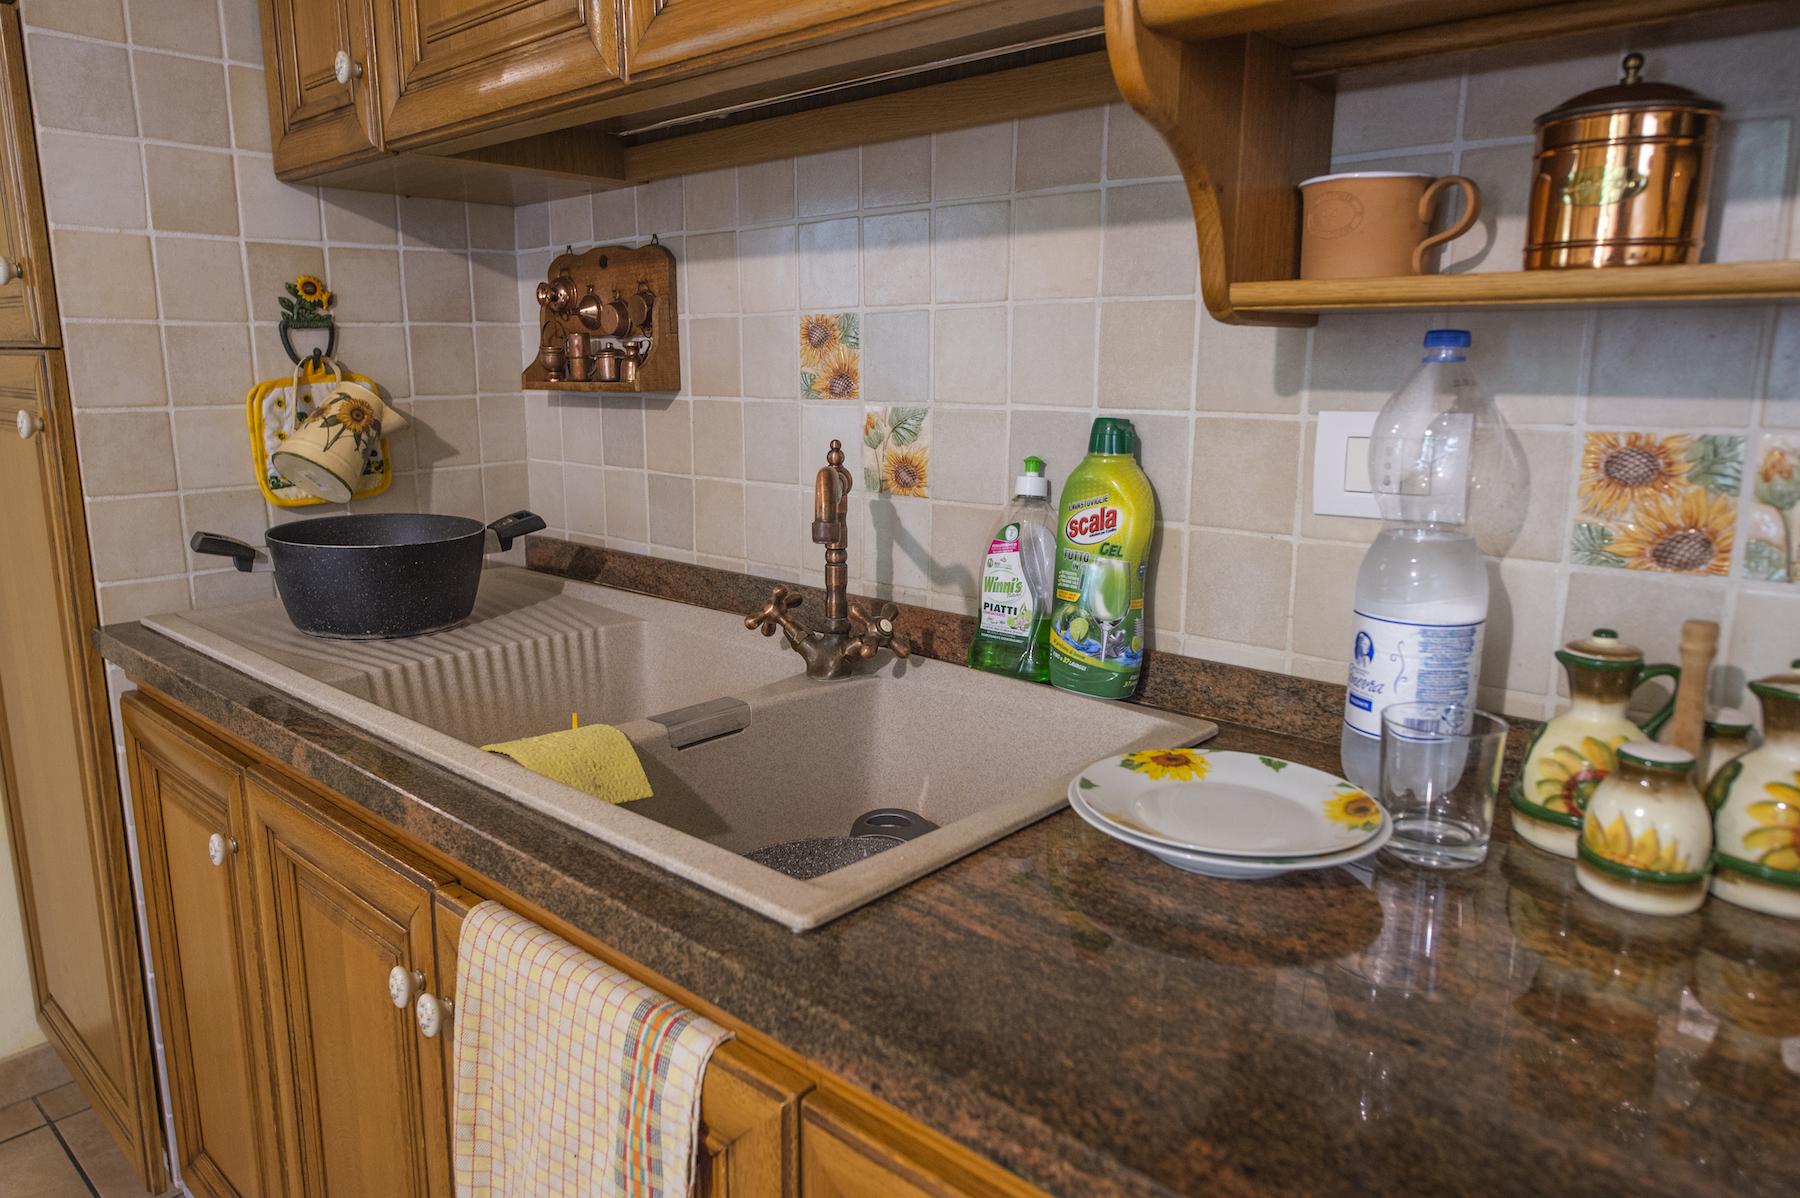 Immagine cucina con elementi superflui che creano disordine